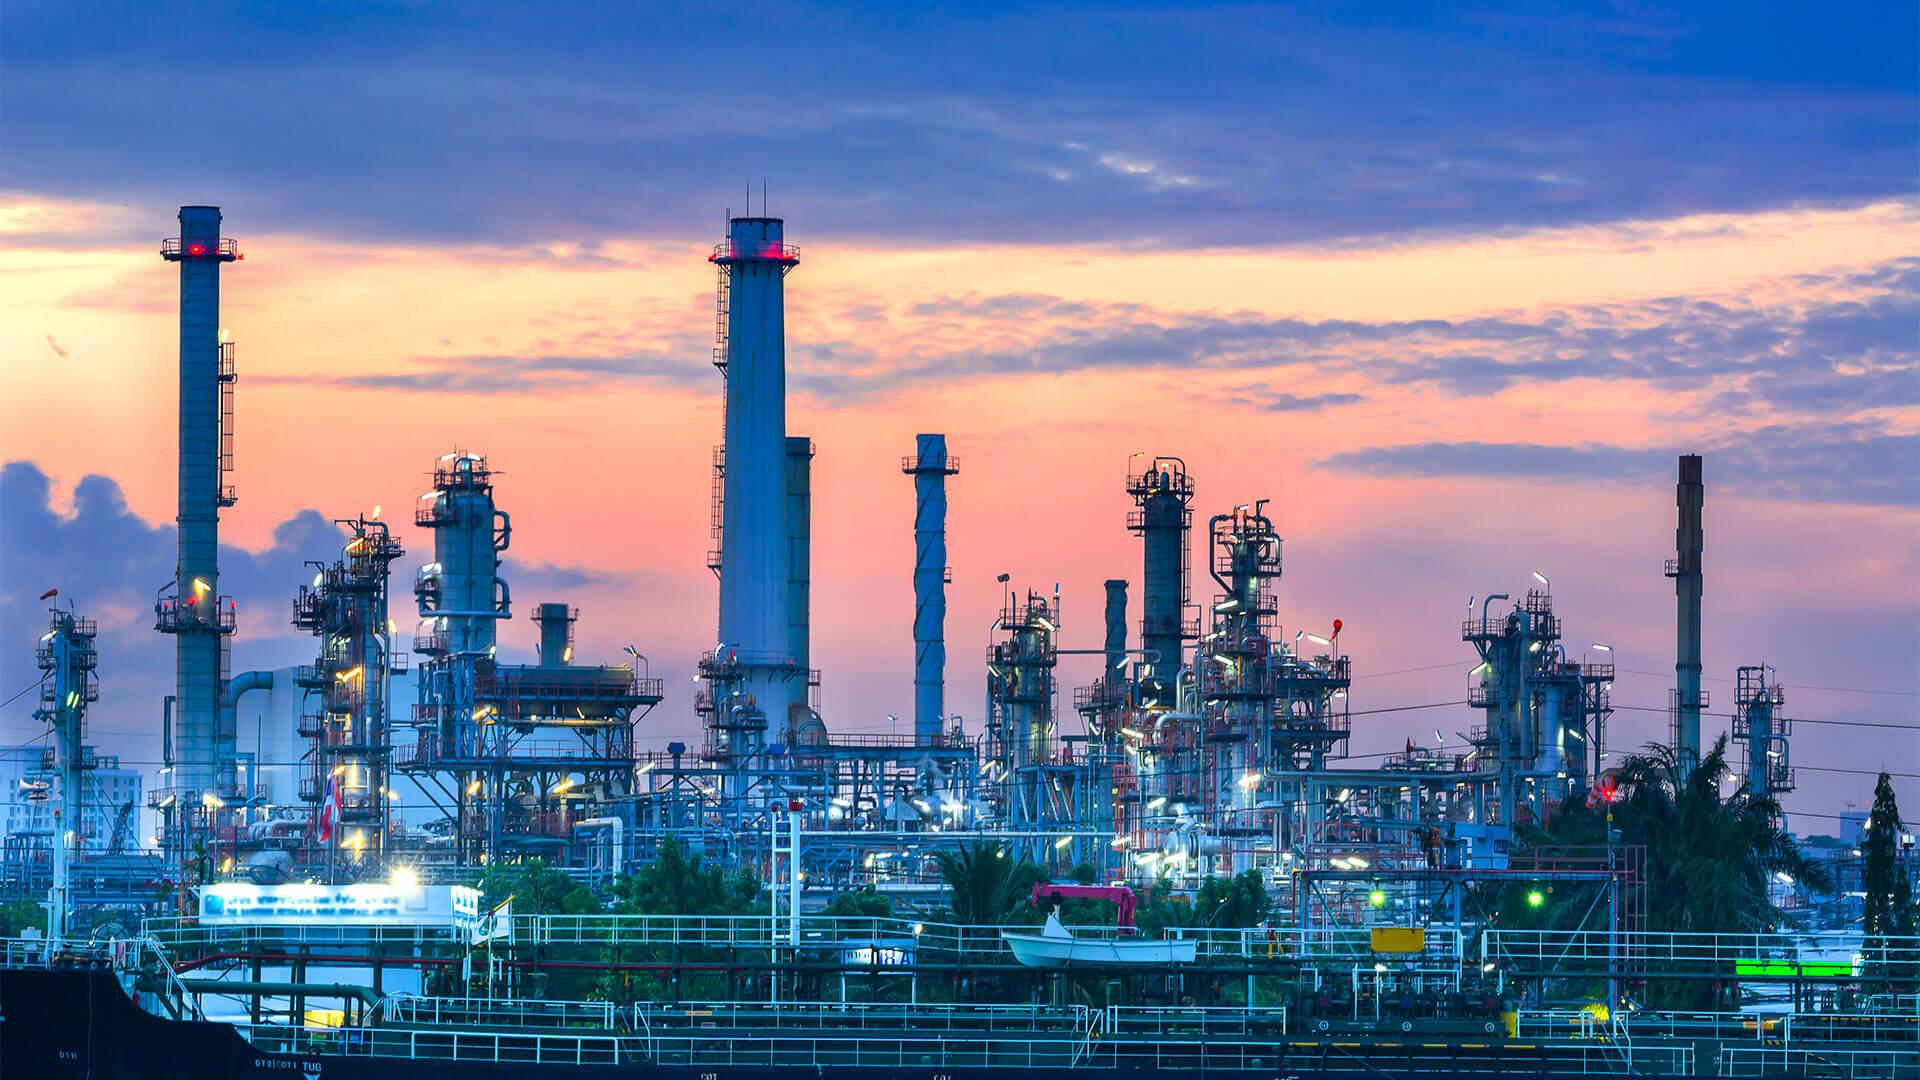 Rivelatori GAS e centrali